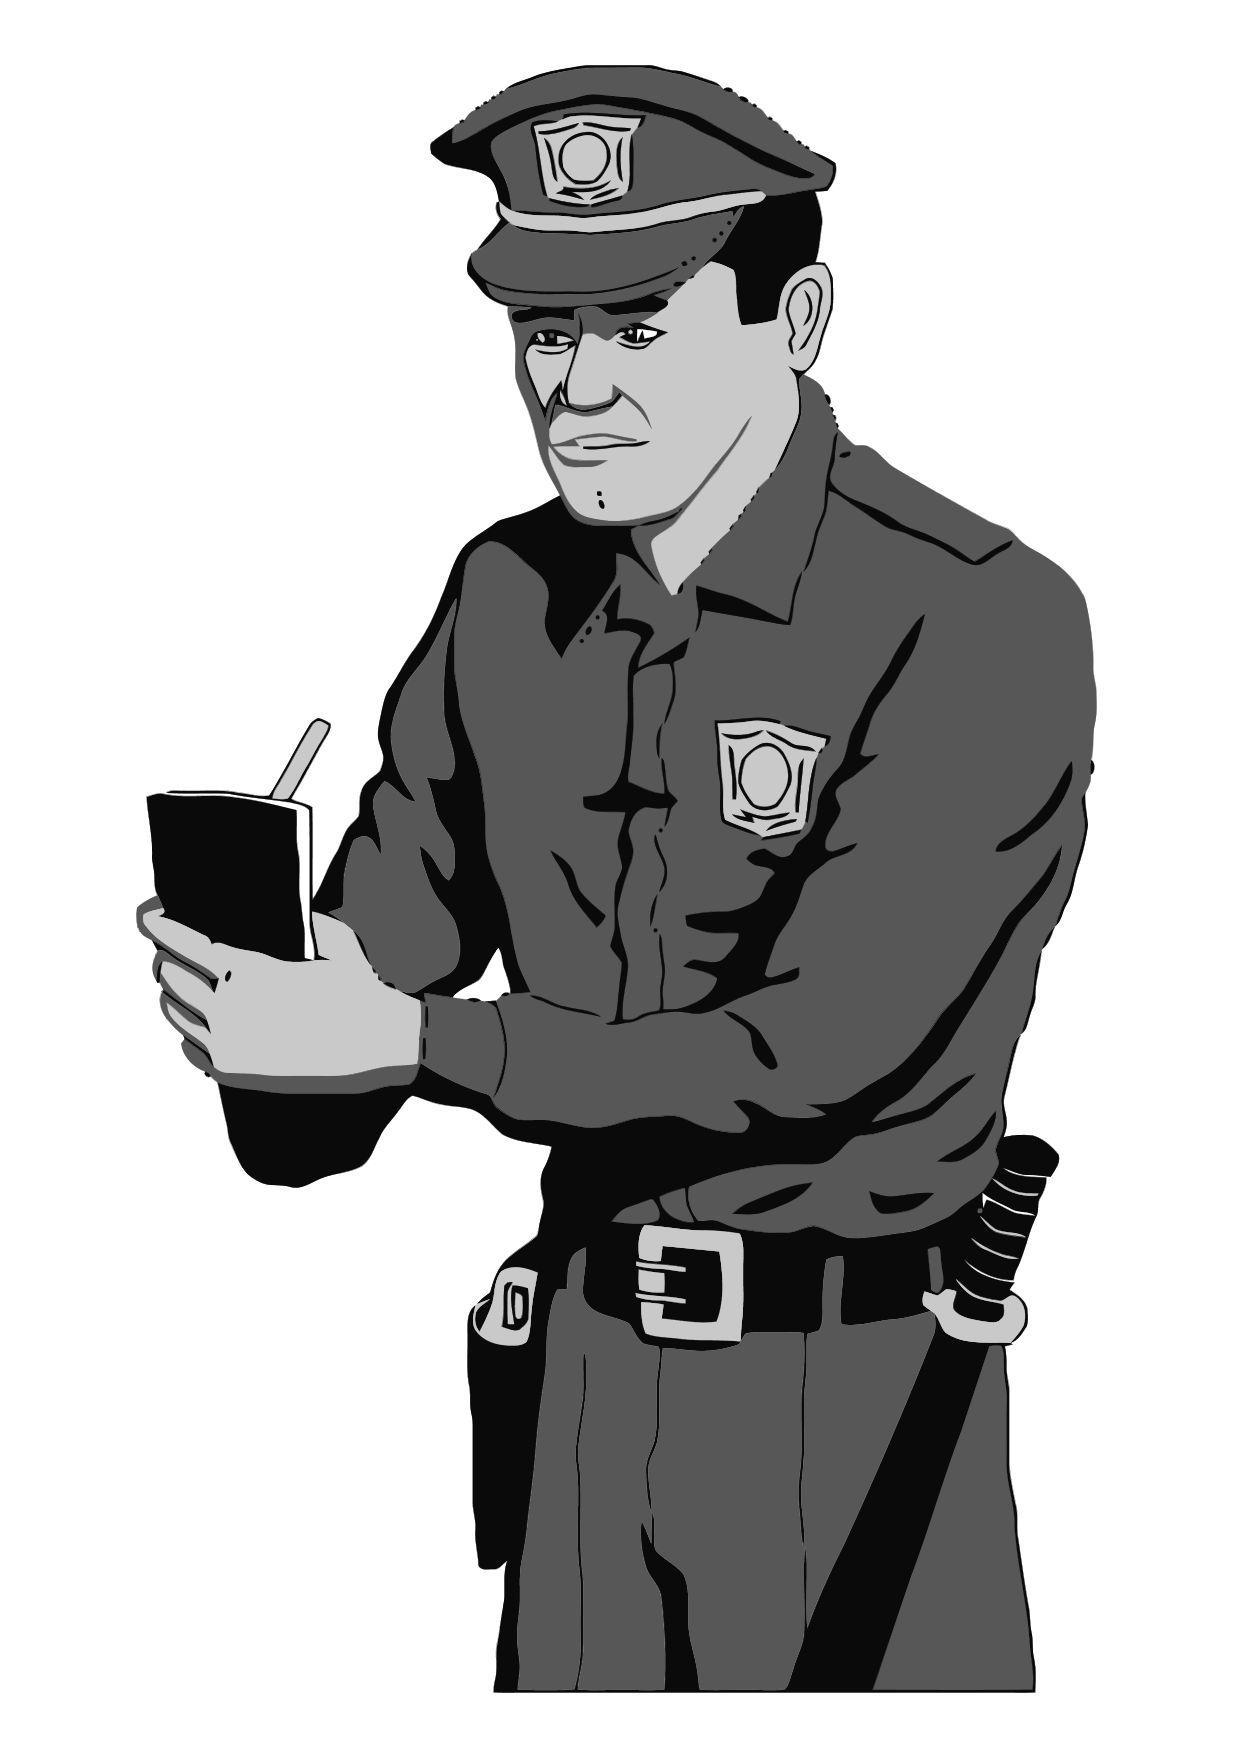 Dibujo para colorear Policía - Img 11884